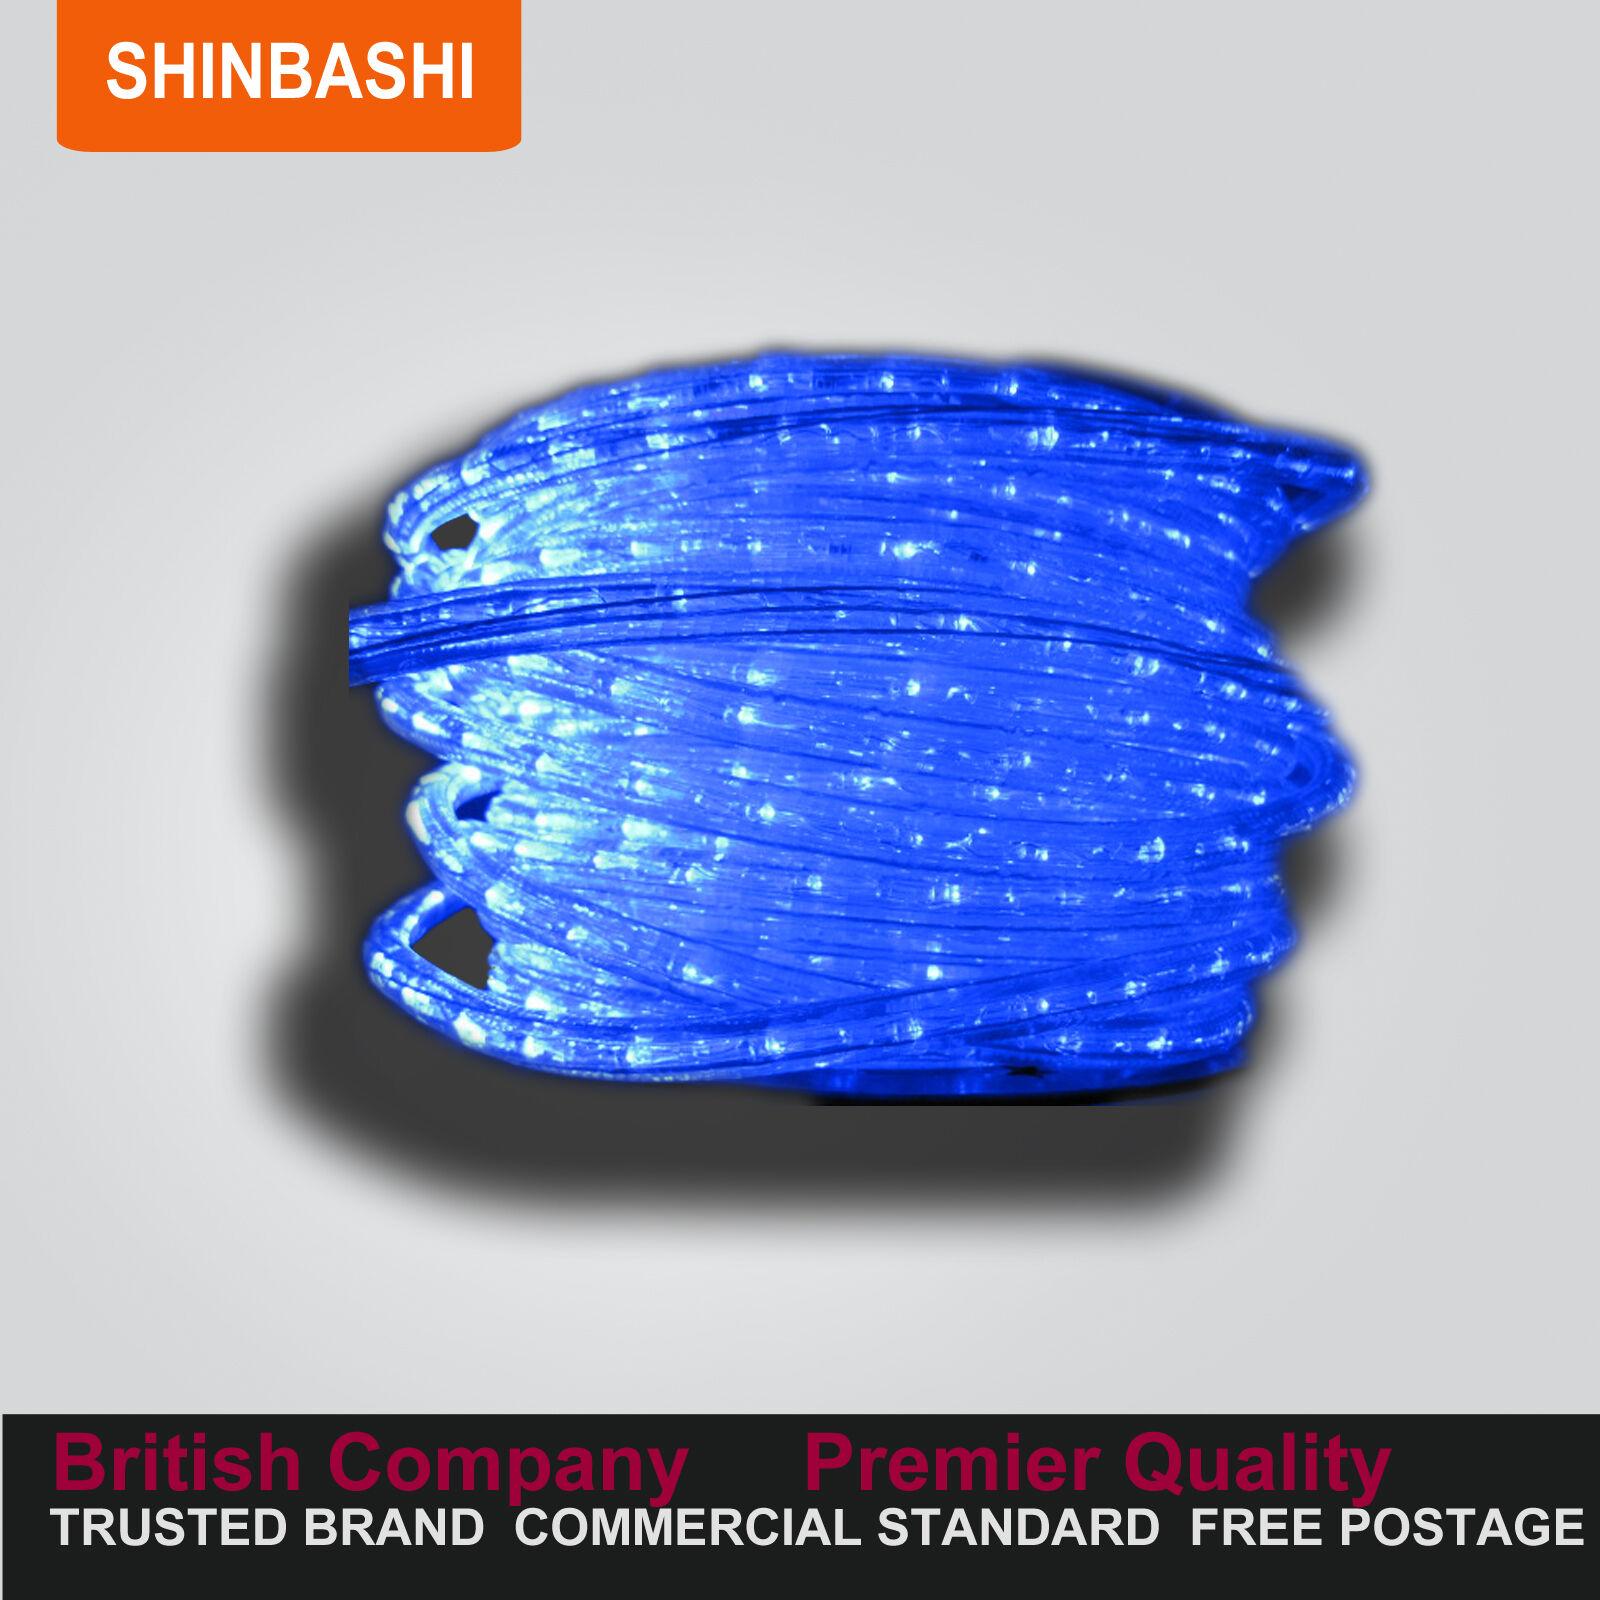 $T2eC16RHJGsFFMvQYuMFBRmWSr19BQ~~60_57 Fabelhafte Led Flex Lichtleisten Set Dekorationen